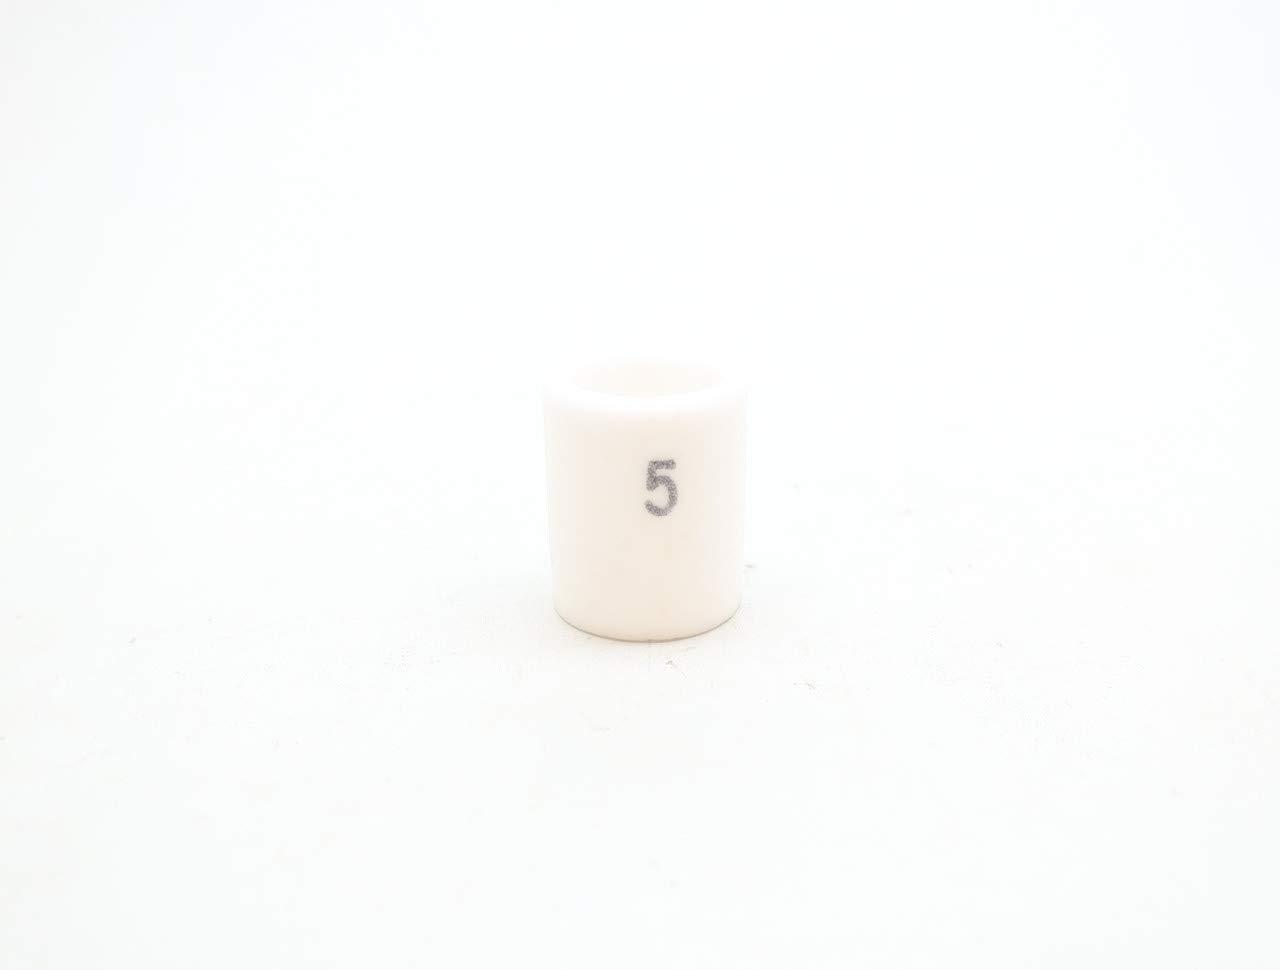 WILKERSON FRP-95-160 Pneumatic Filter Element